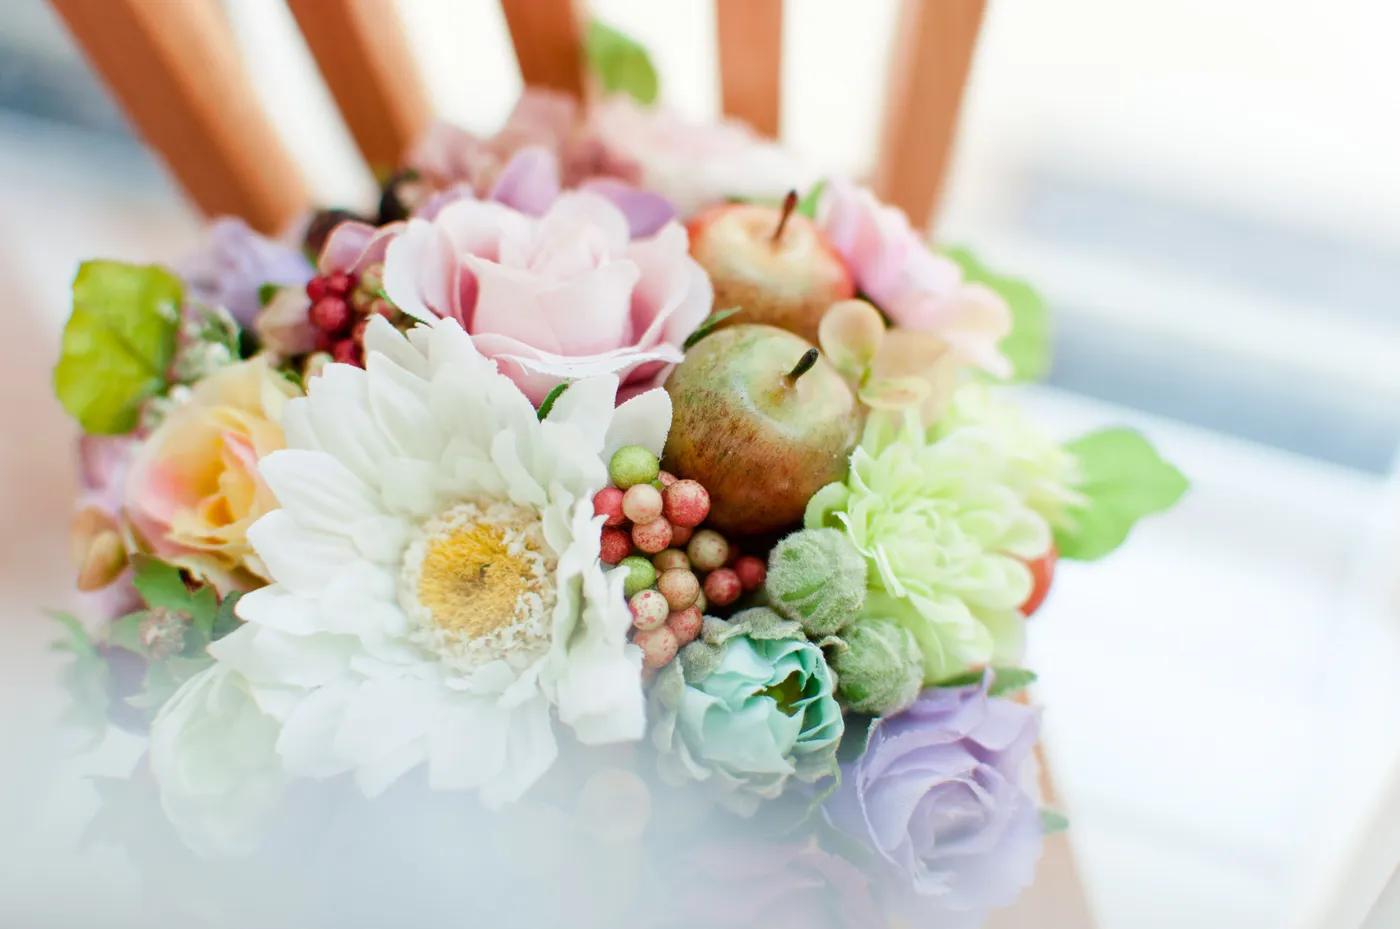 花を贈る基本のマナー4つ